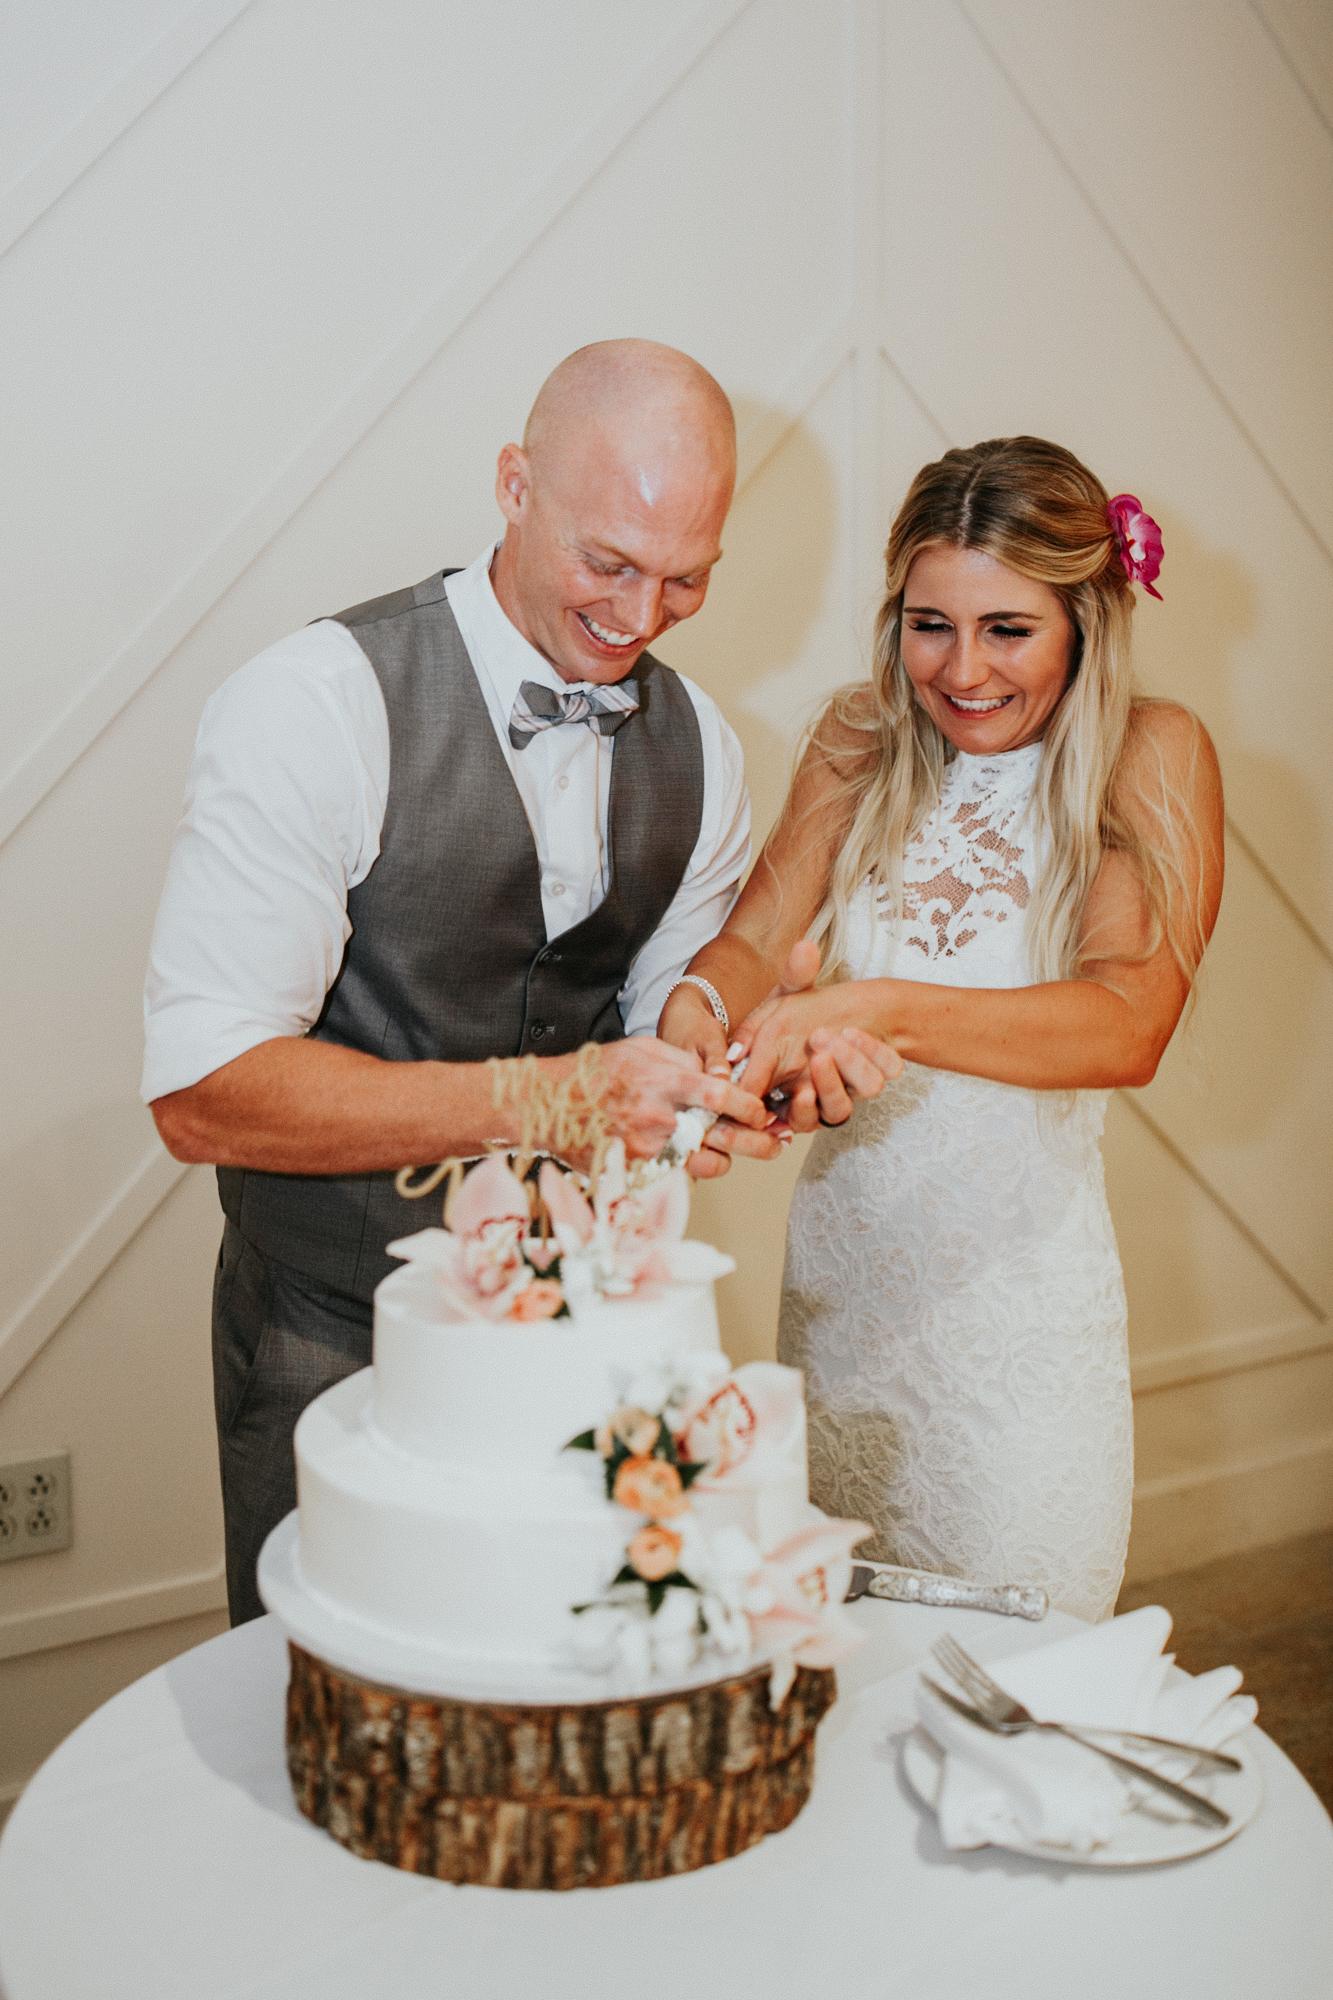 destination-wedding-photographer-hawaii-maui-elopement-116.jpg